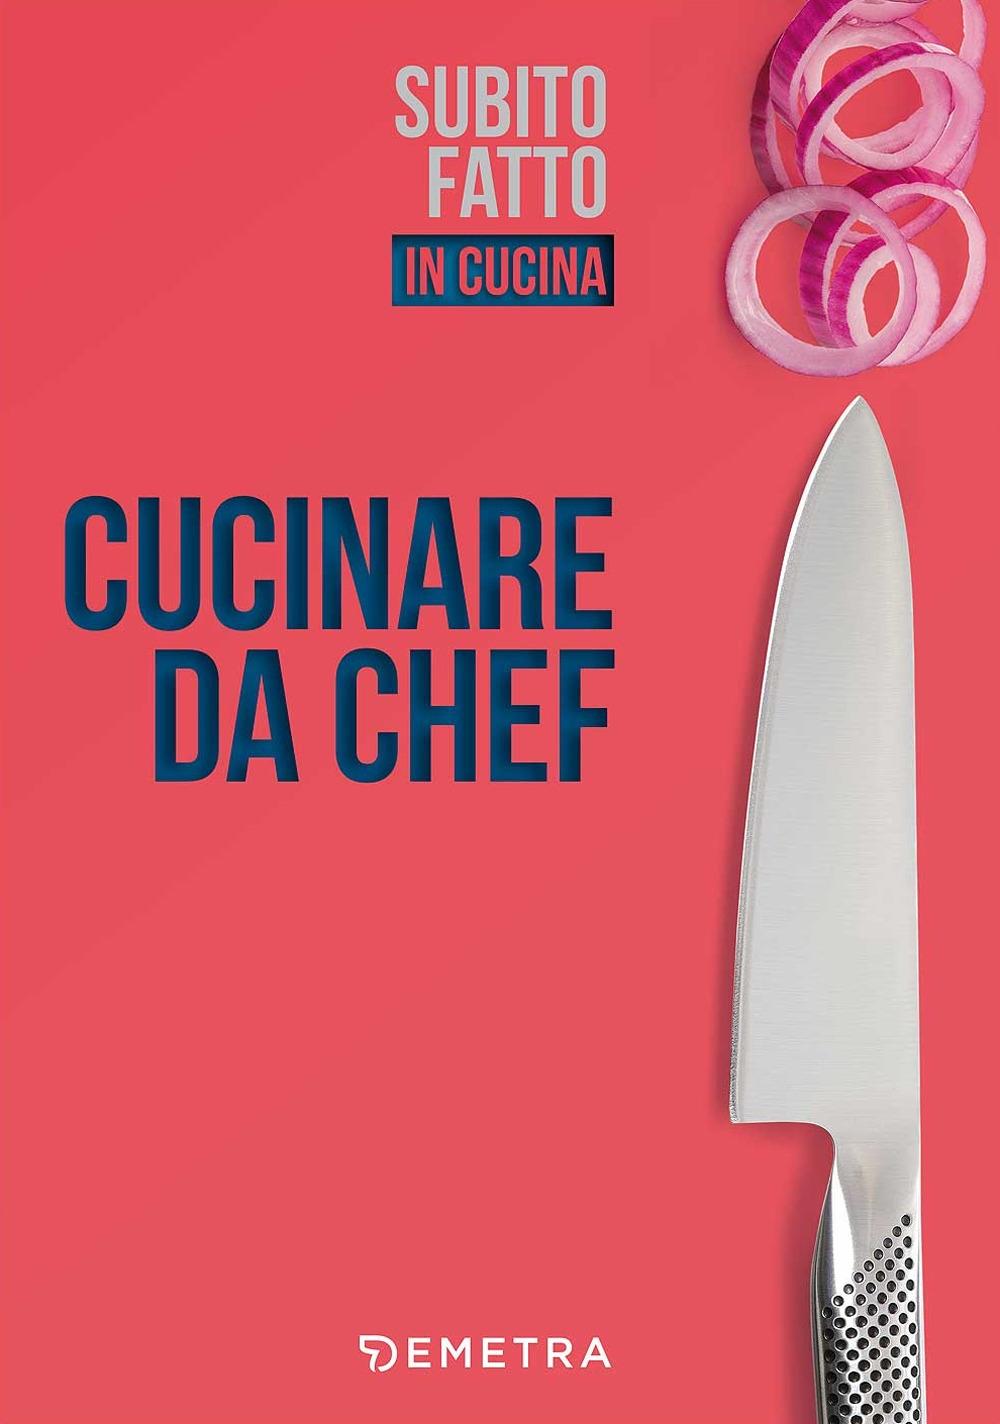 Cucinare da chef